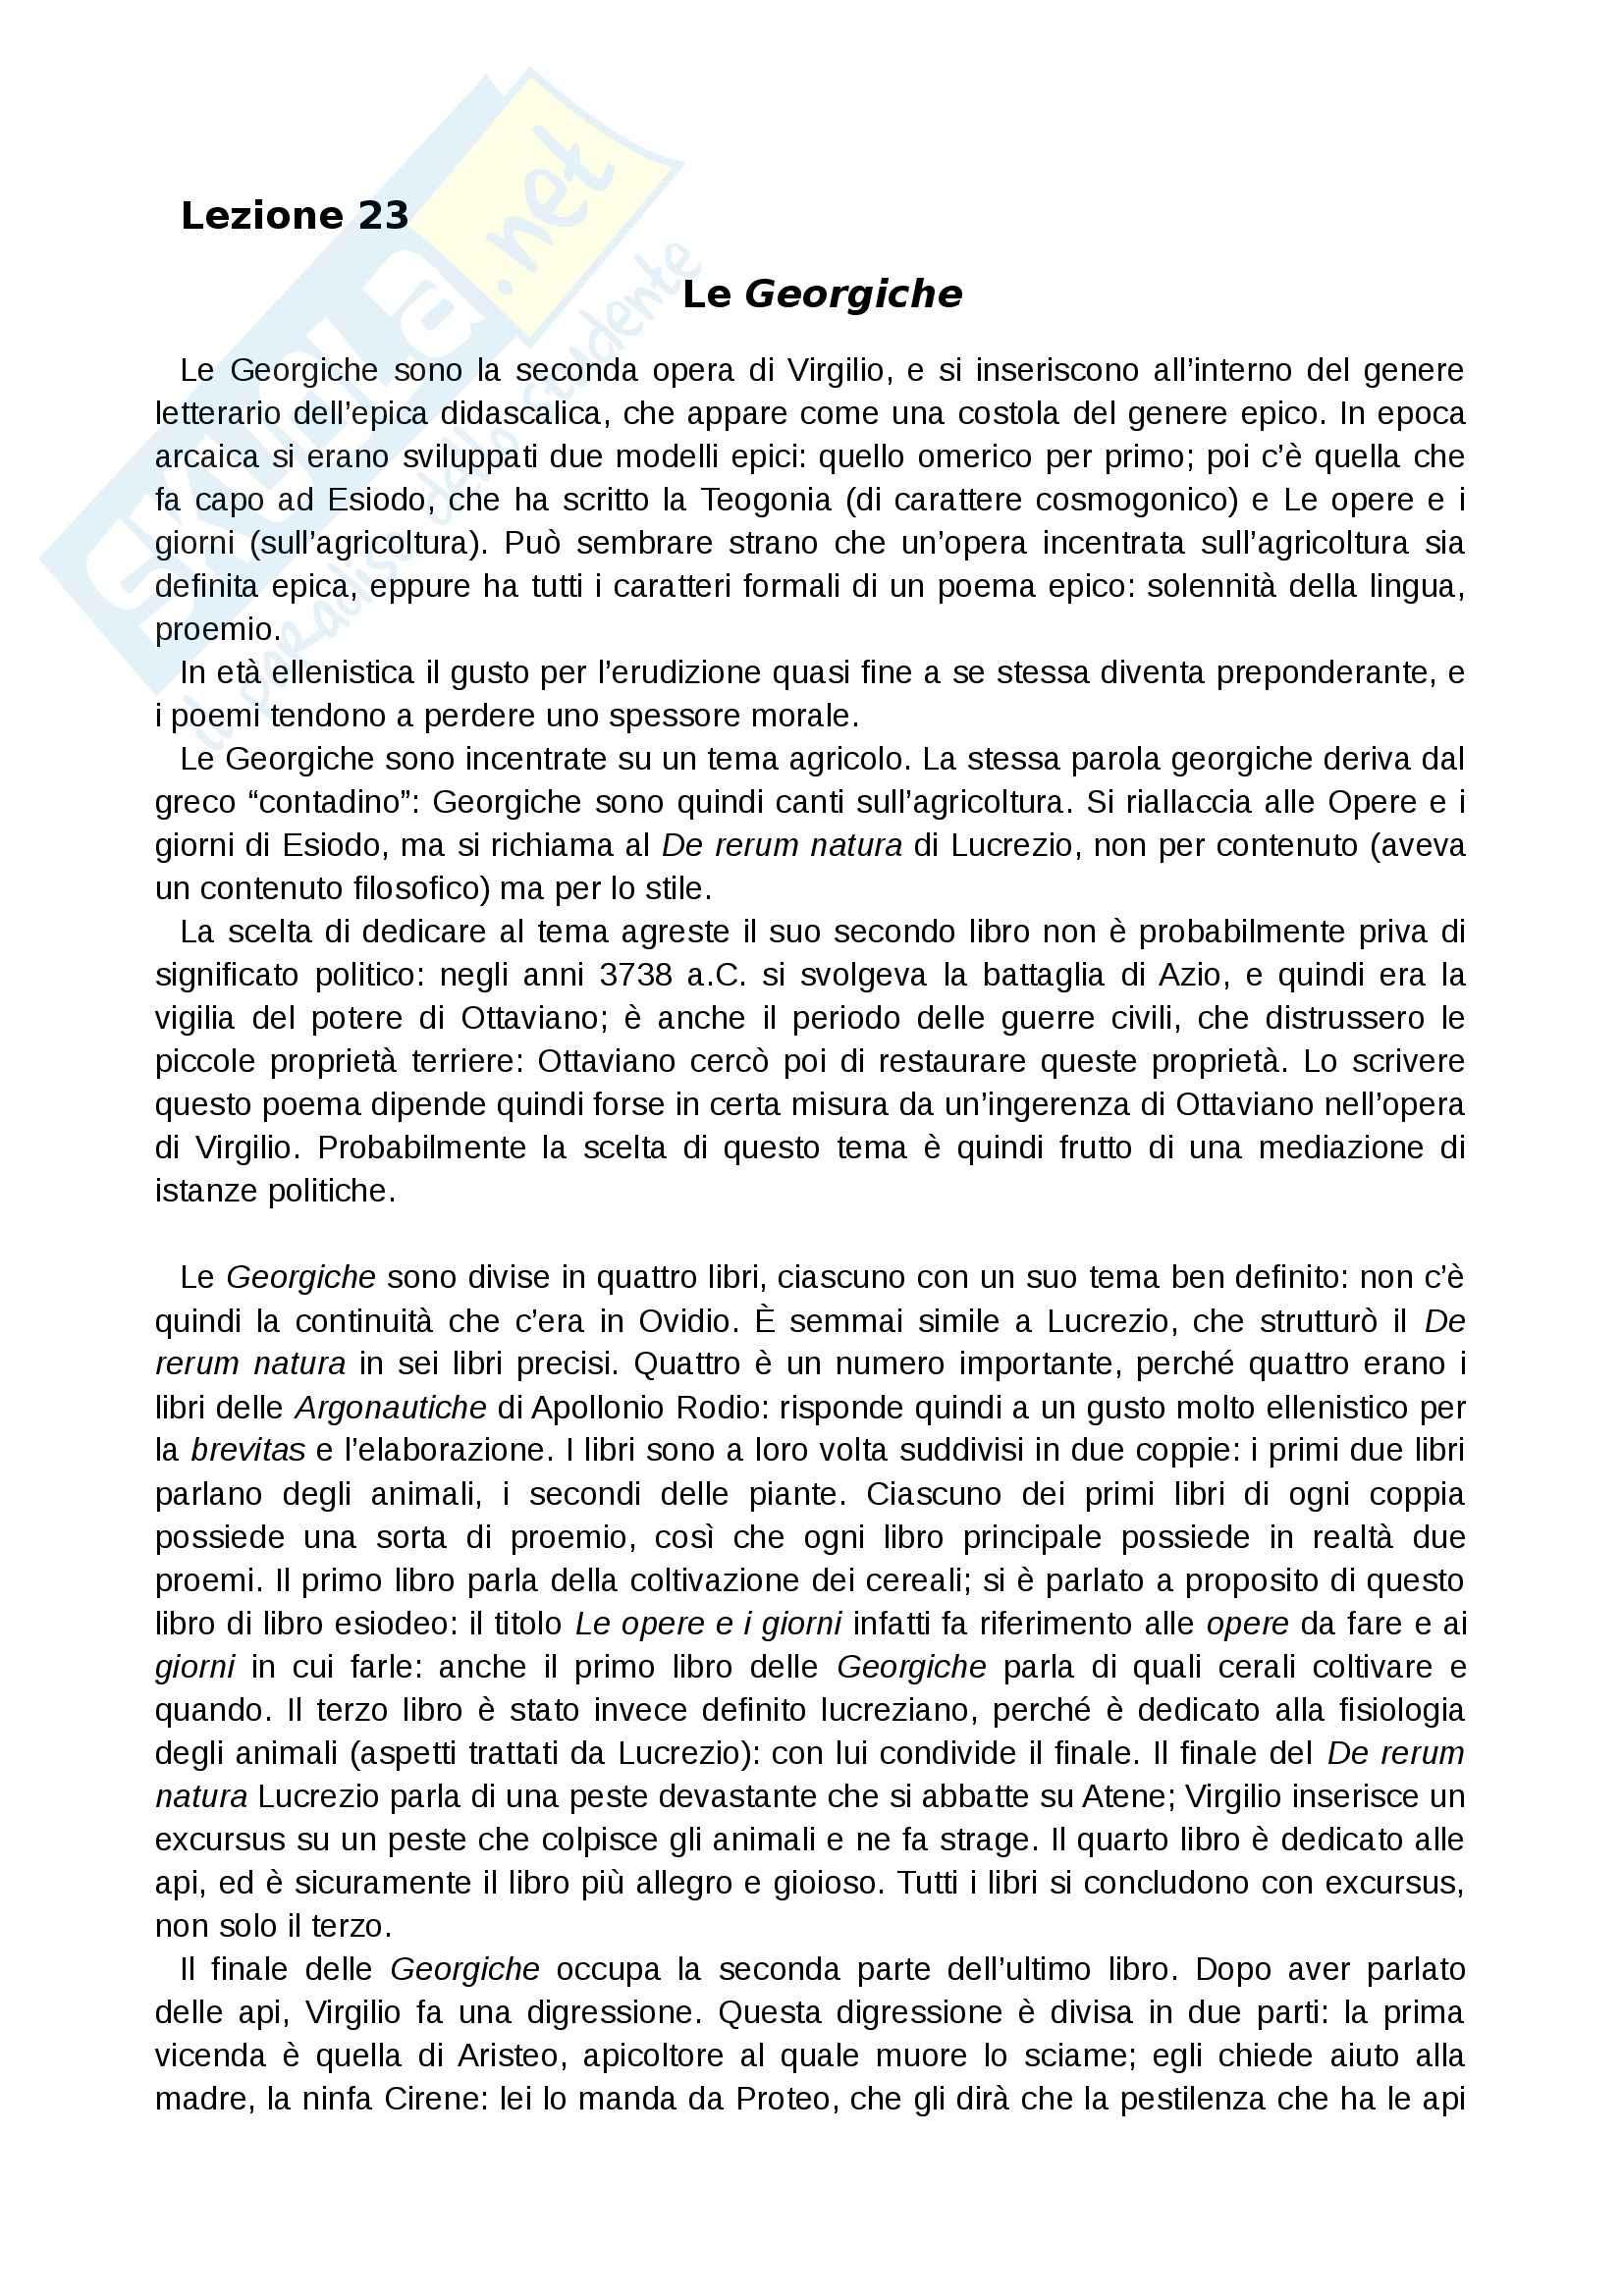 Le «Georgiche» di Virgilio tradotte e commentate, Libro IV